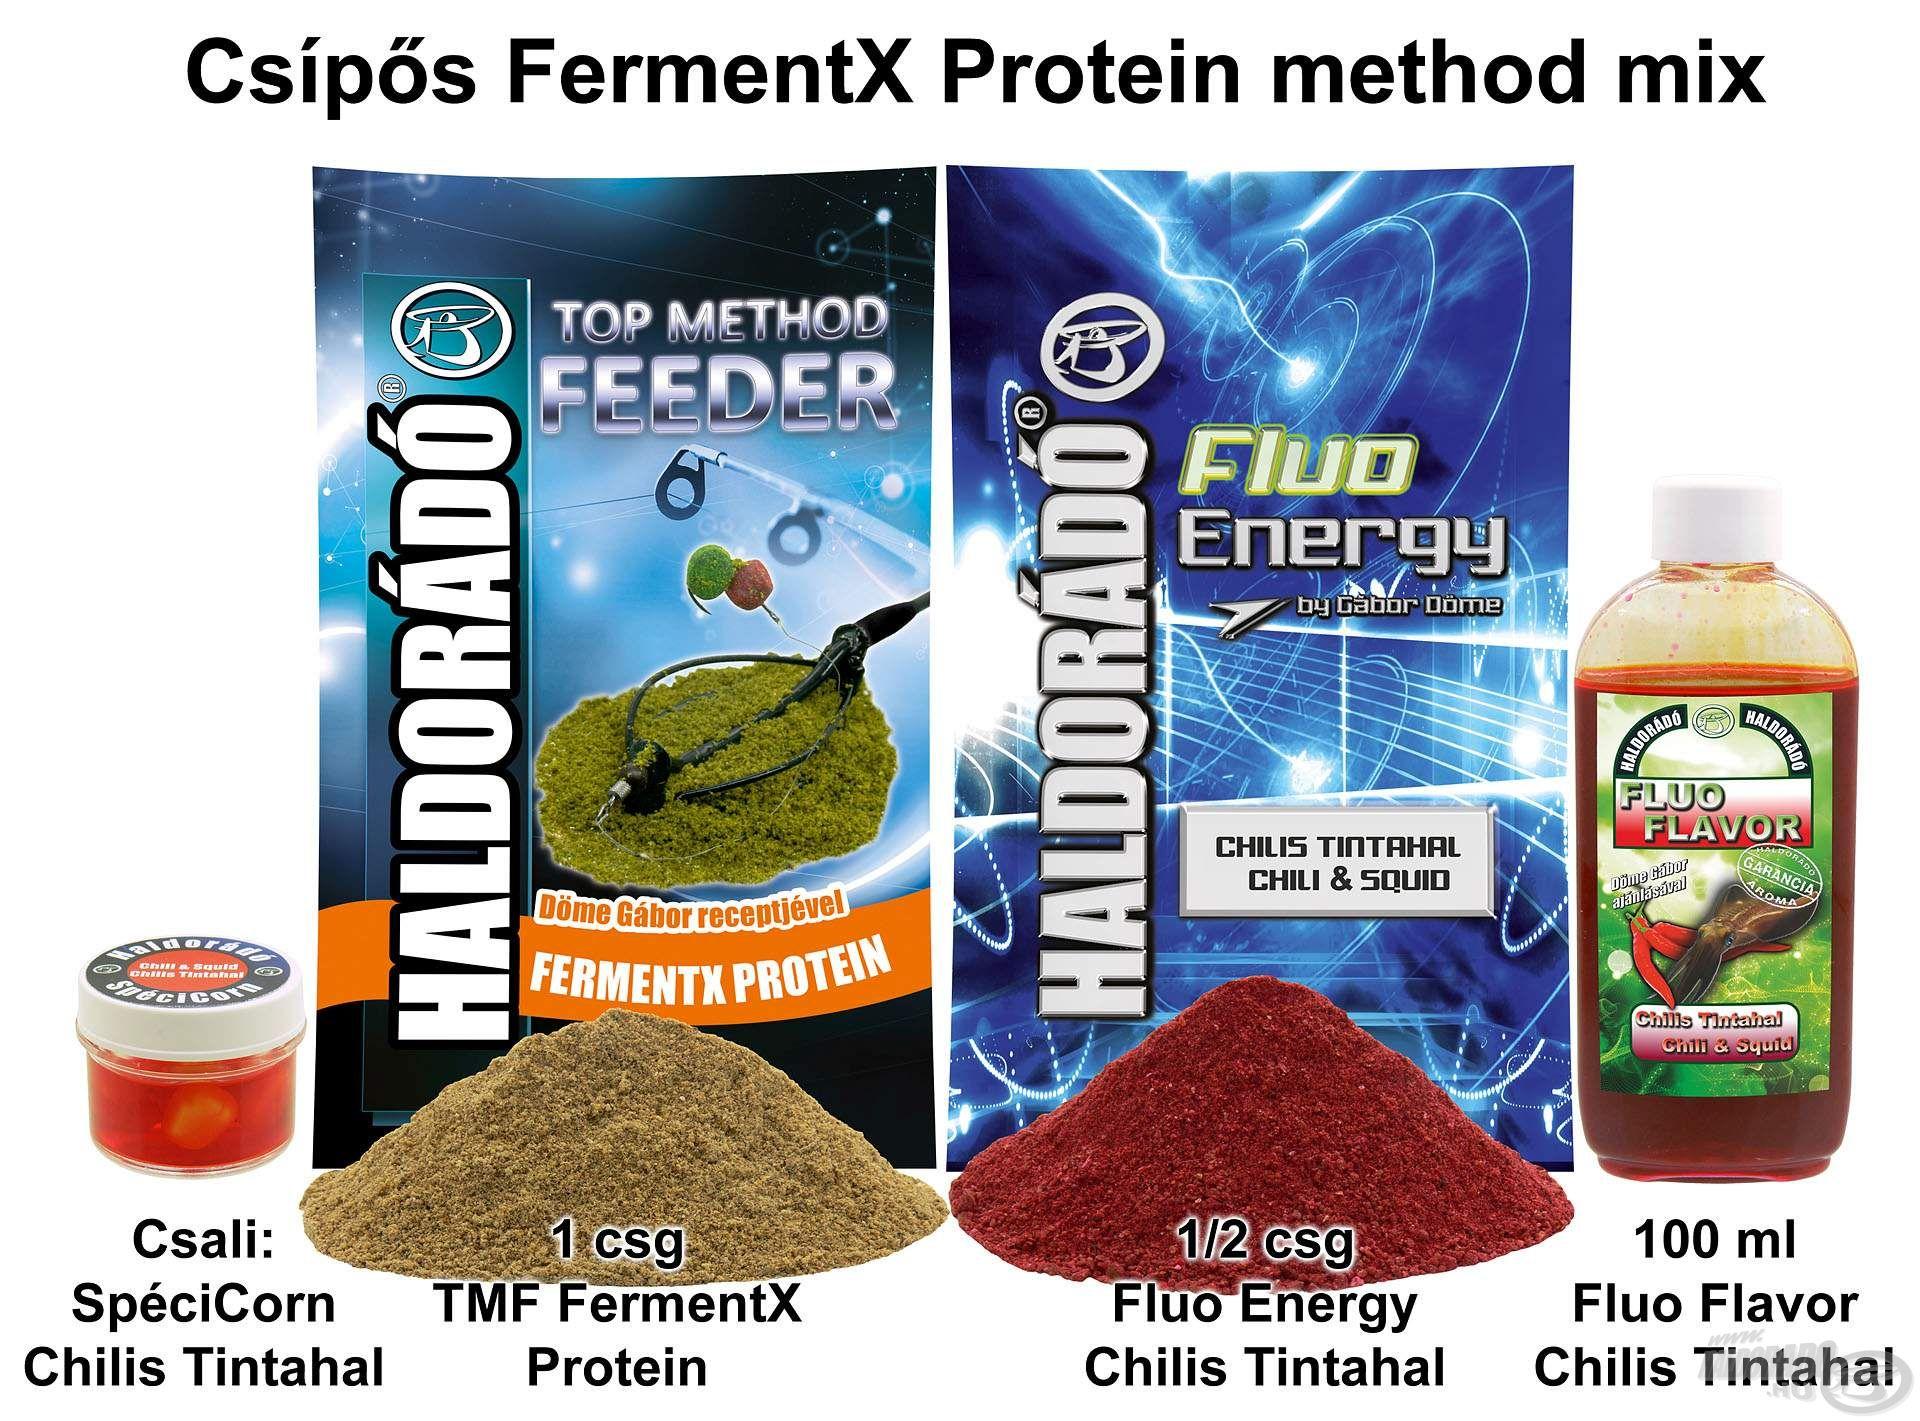 Csípős FermentX Protein method mix